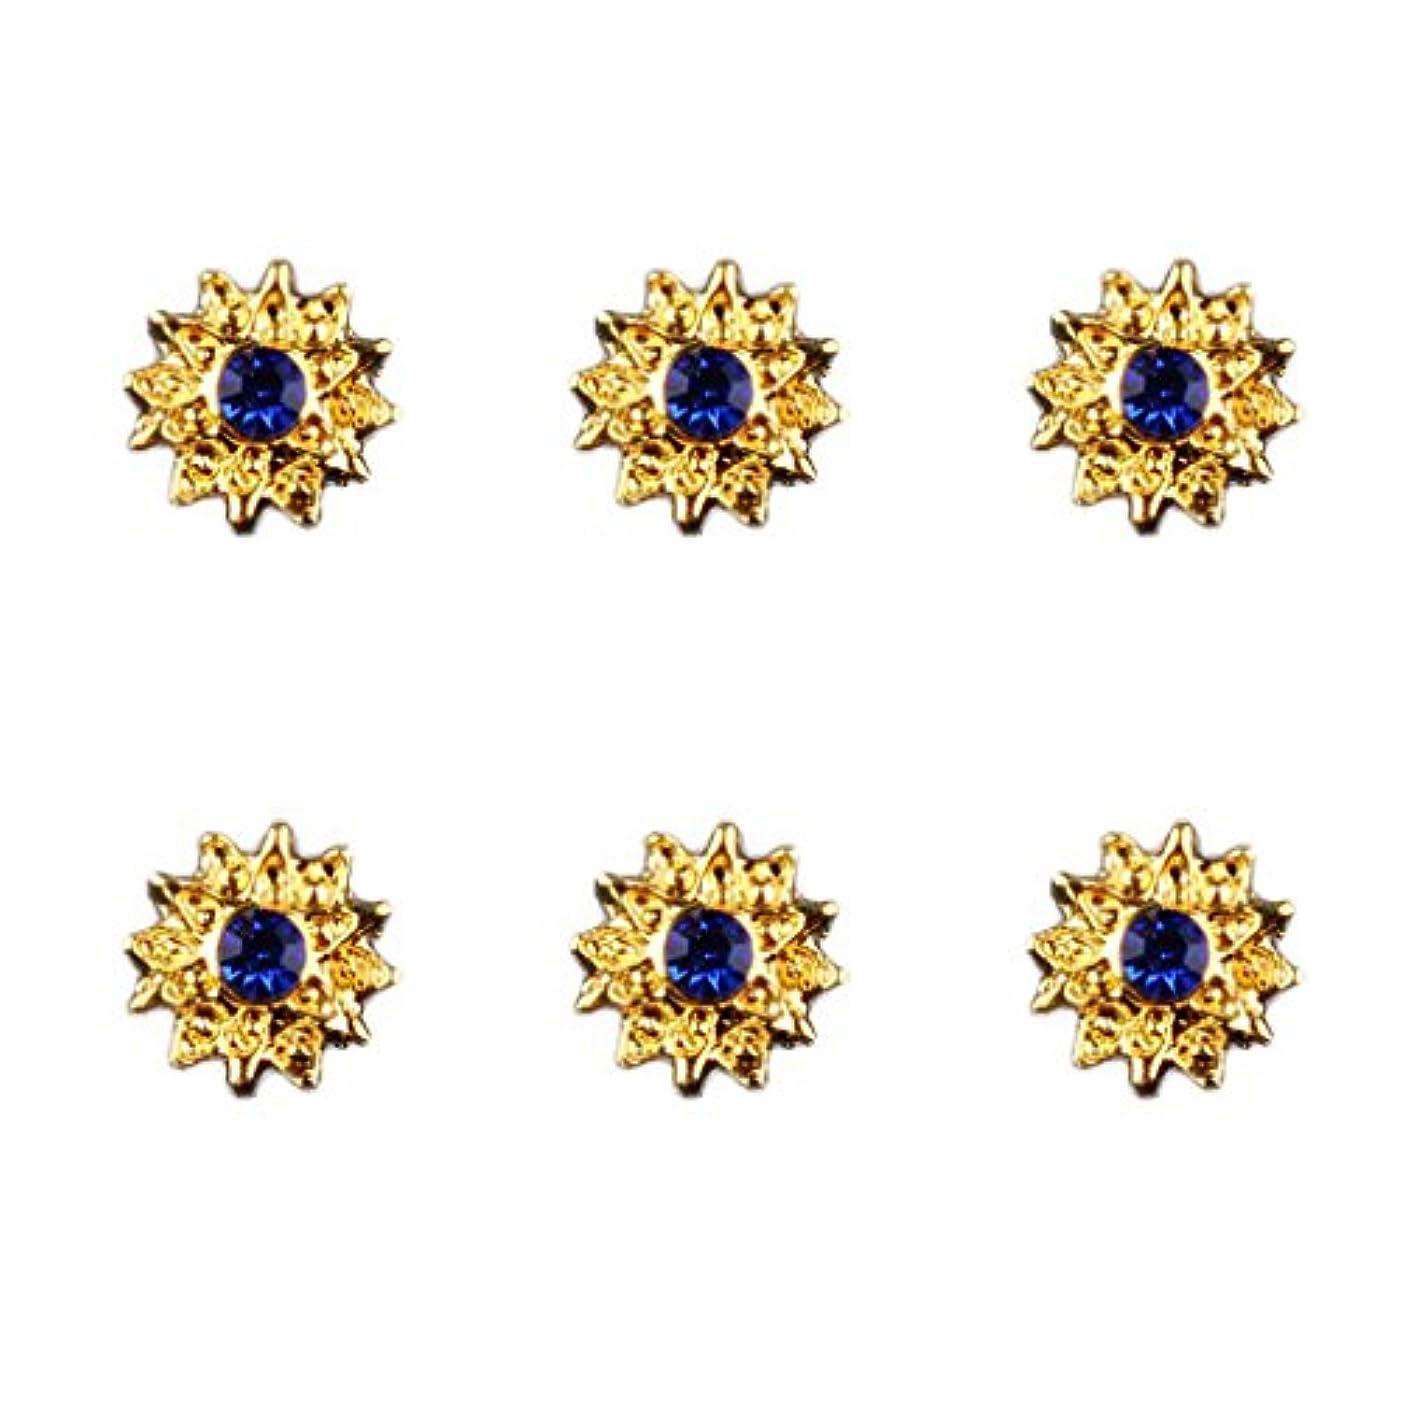 そよ風順応性のある高原約50個入り マニキュア ダイヤモンド 3Dネイルアート ヒントステッカー 装飾 全8種類 - 6